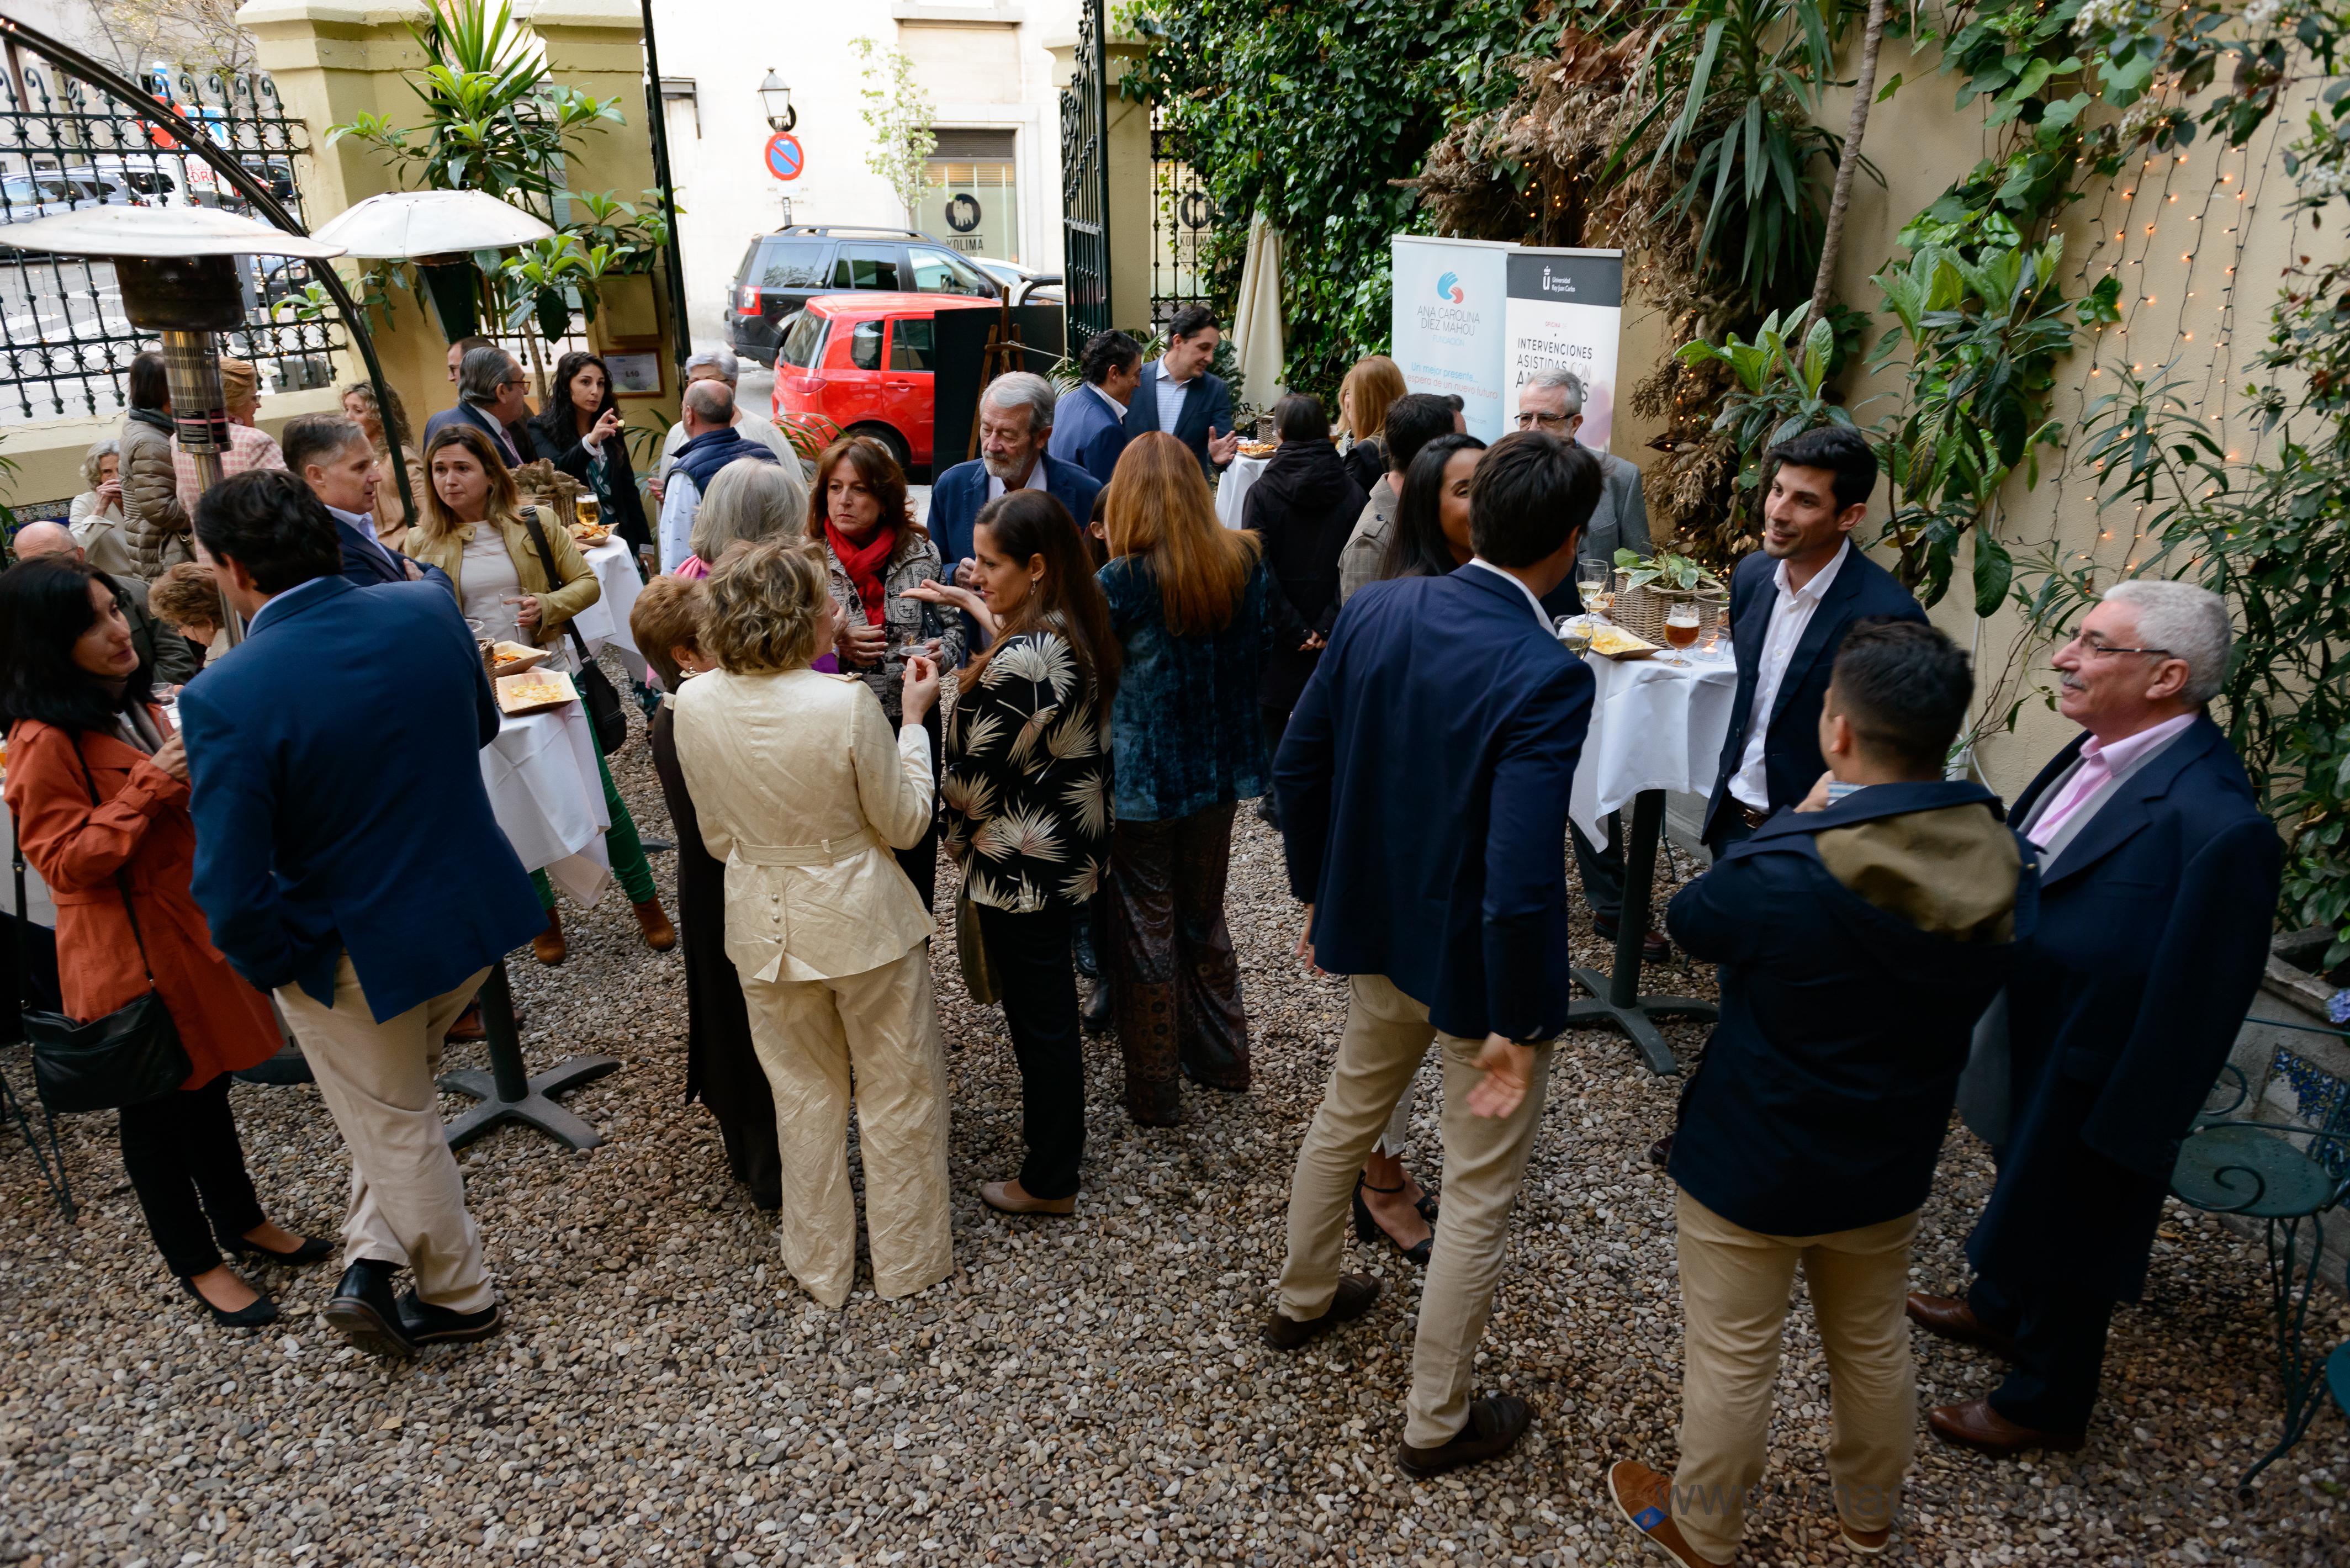 Cóctel celebrado en la entrada del restaurante.